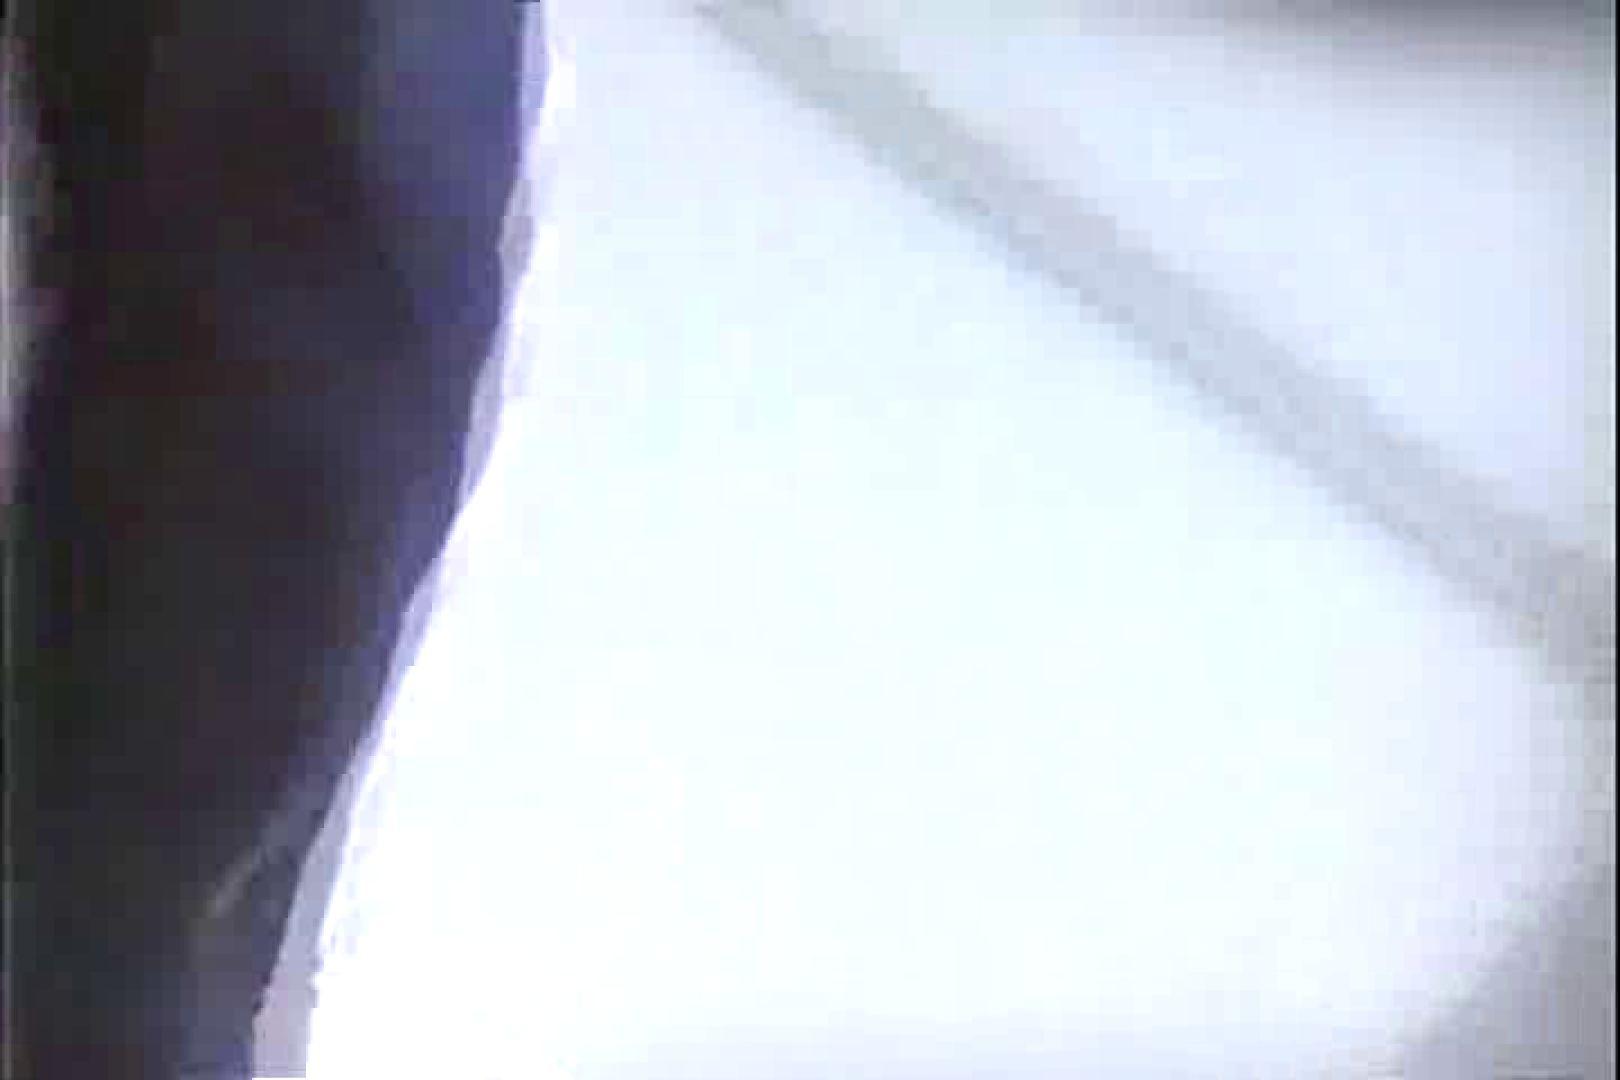 「ちくりん」さんのオリジナル未編集パンチラVol.4_02 チラ   パンチラハメ撮り  28pic 21